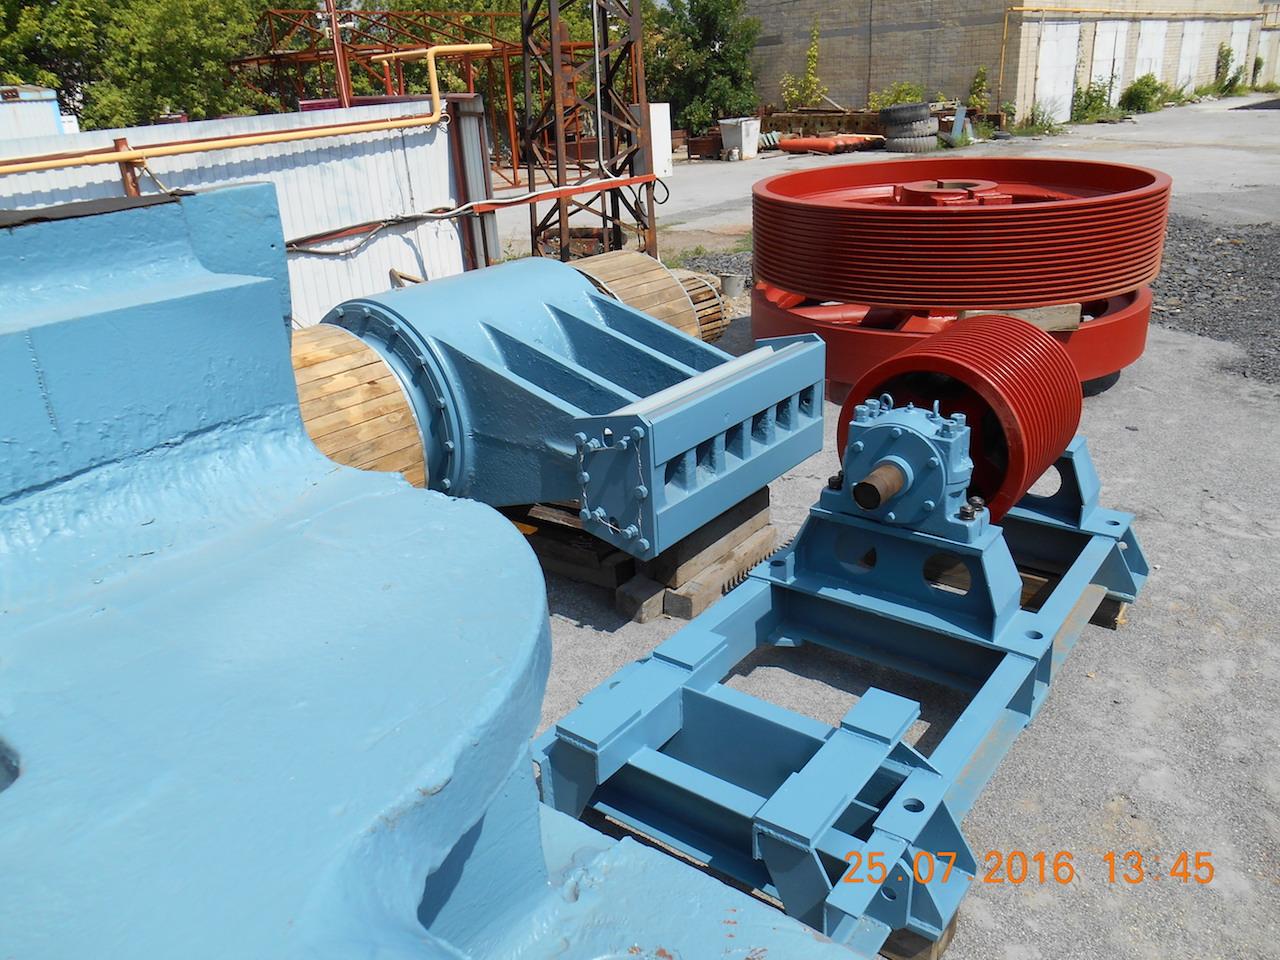 Купить роторную дробилку в Железногорск дробильно сортировочное оборудование в Москва